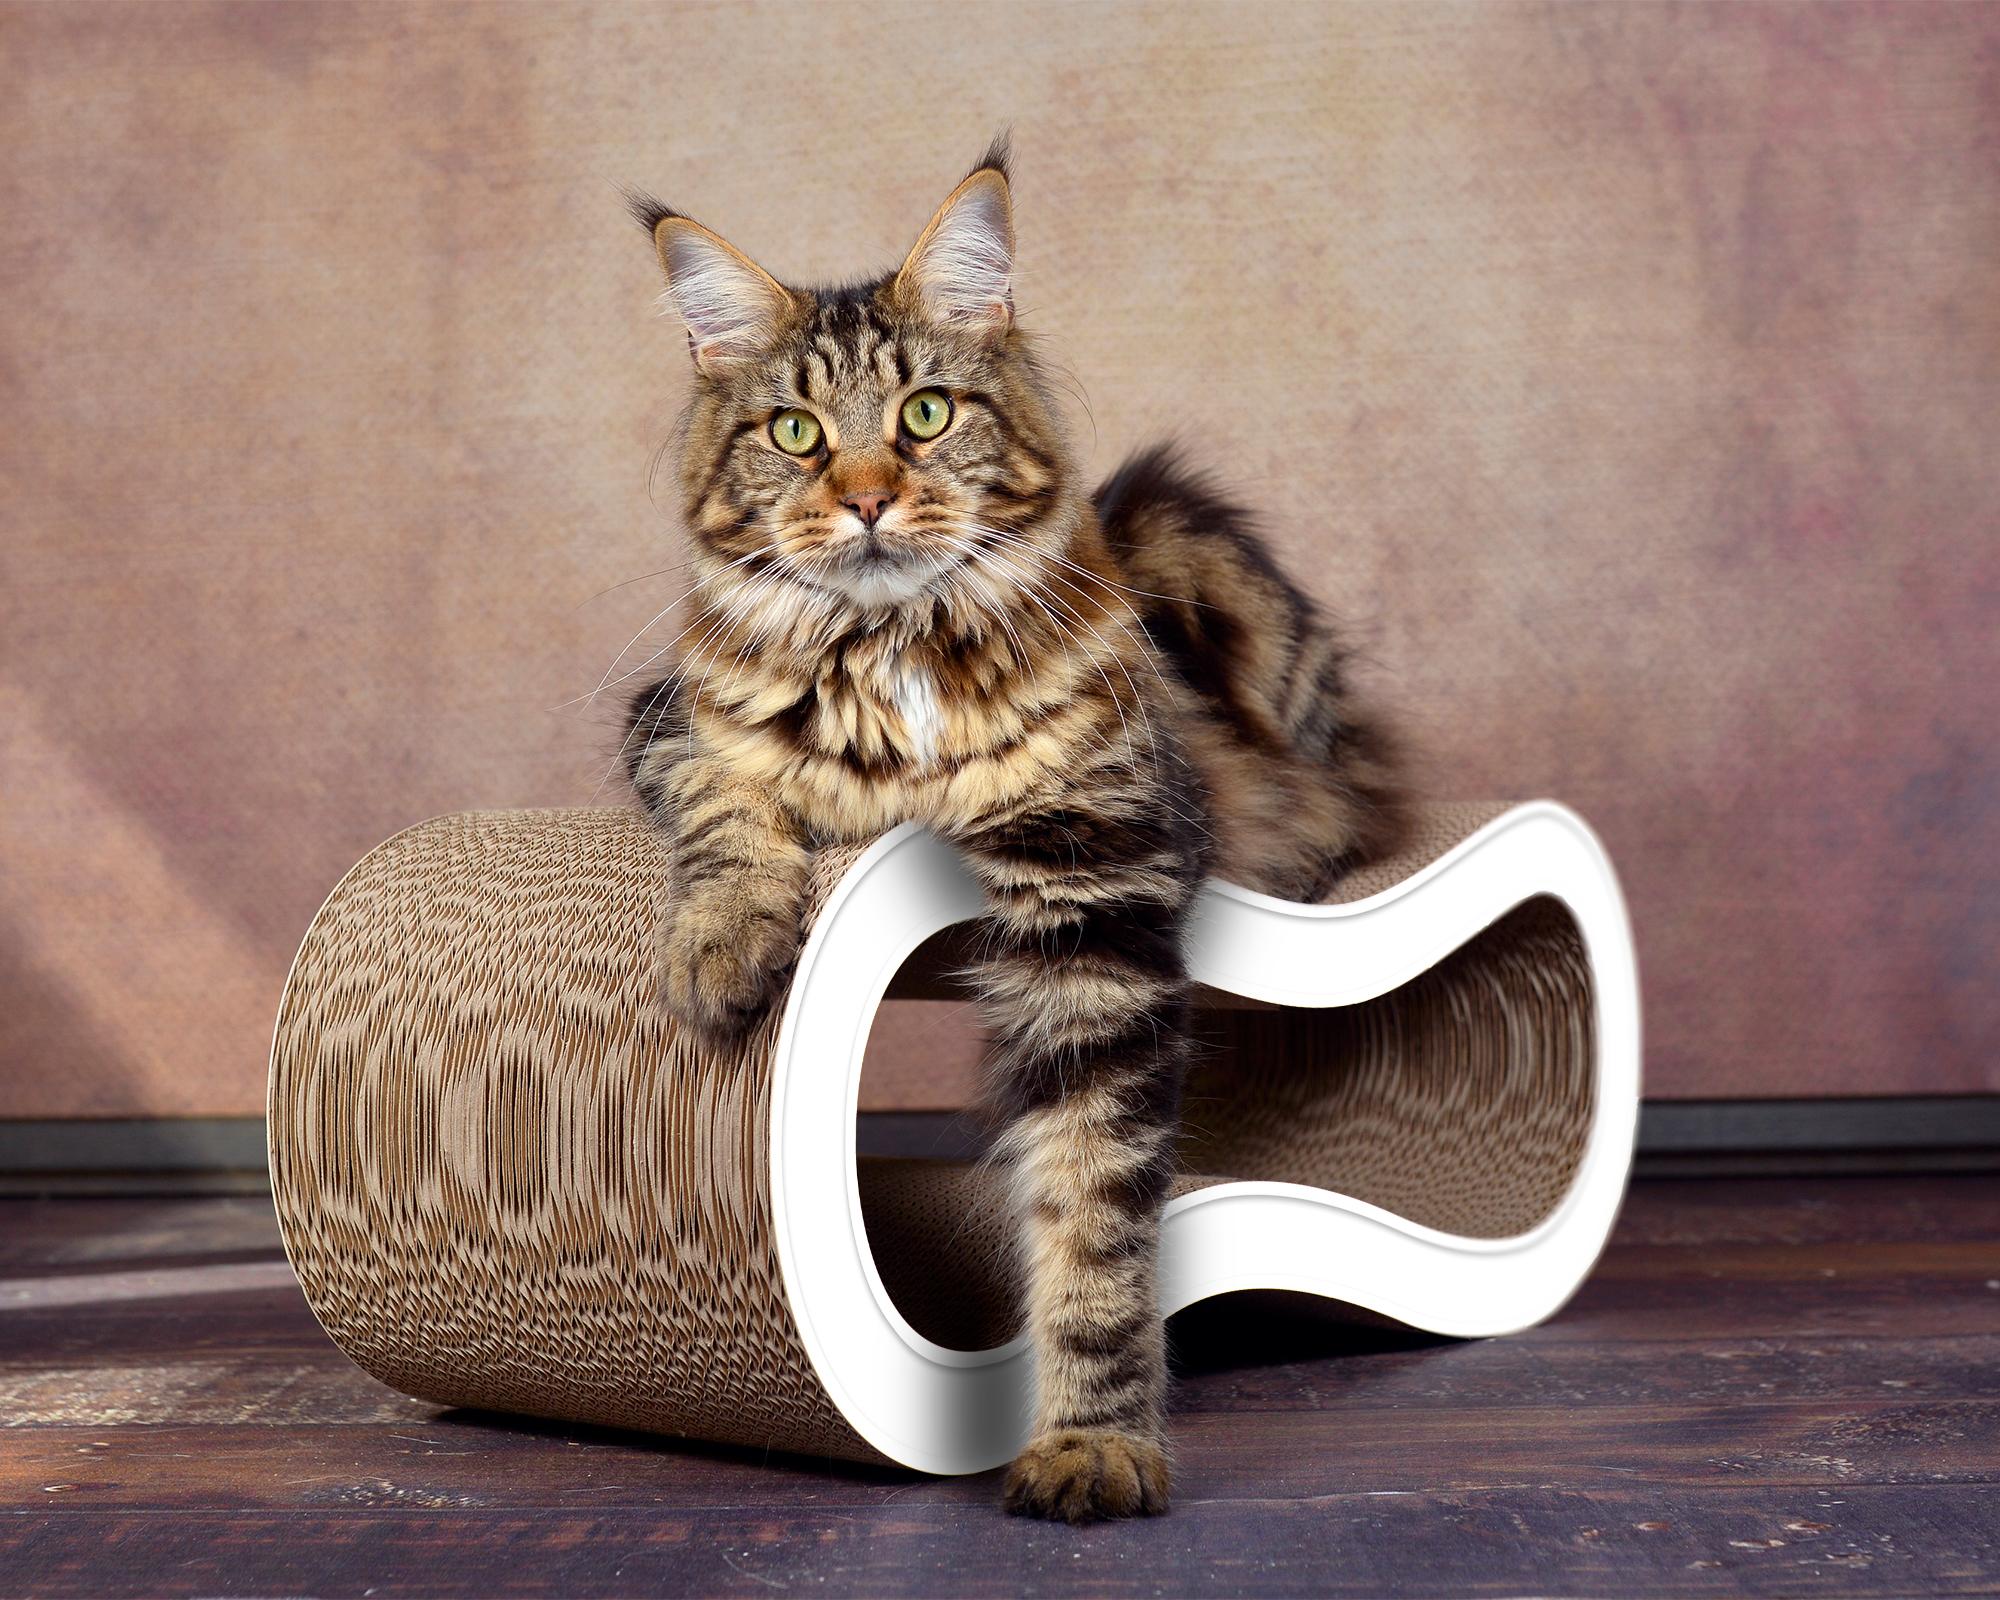 Design cardboard cat scratcher Singha M in white